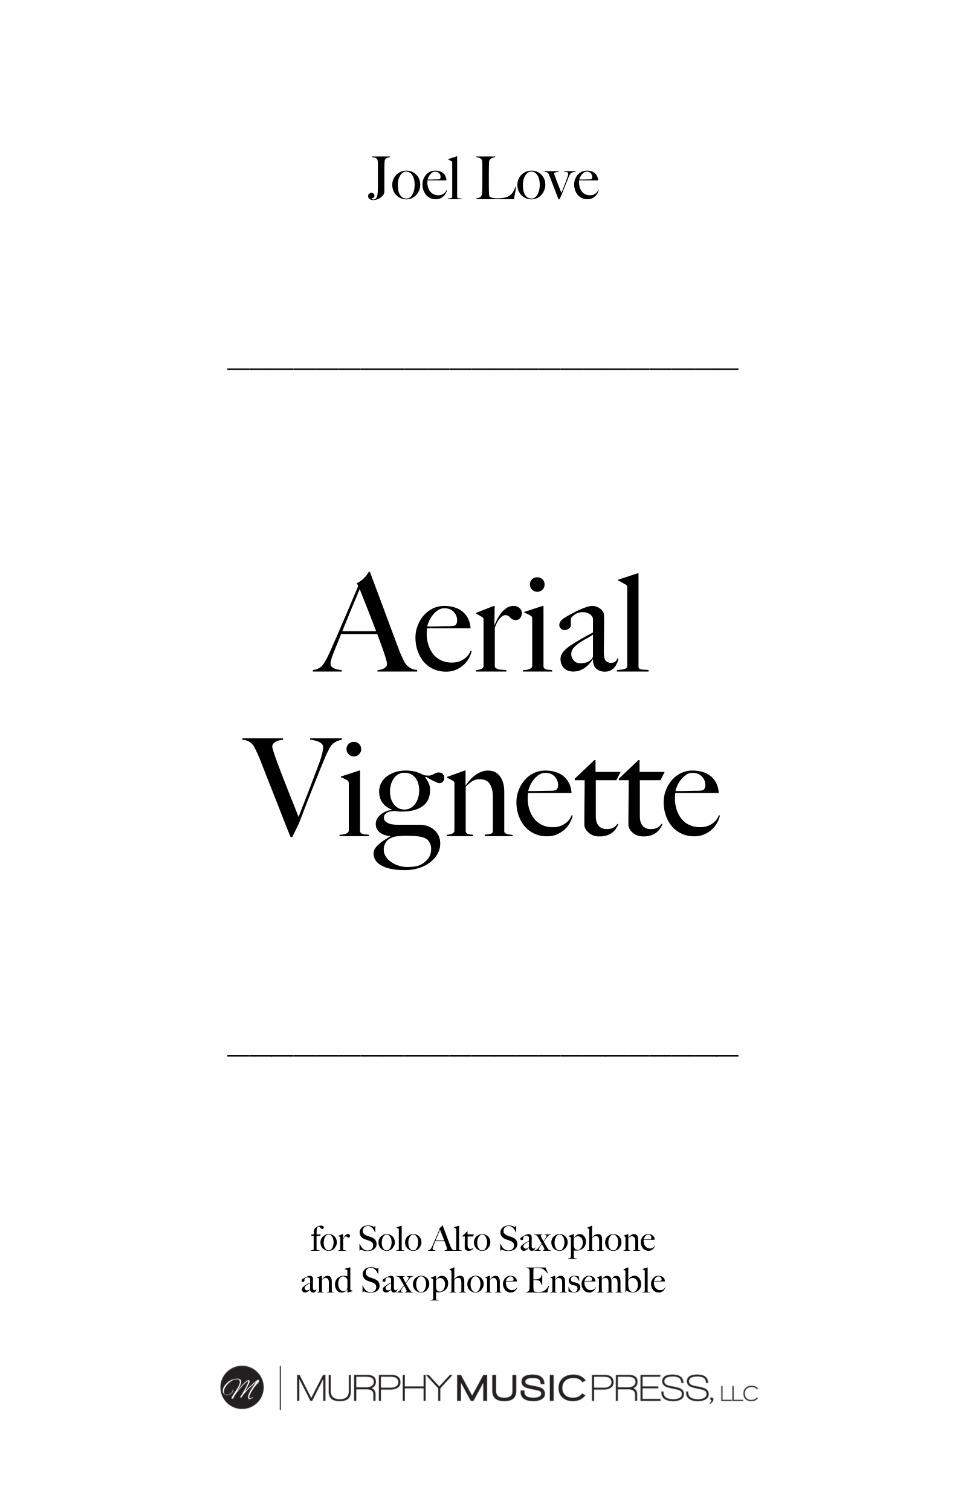 Aerial Vignette  by Joel Love